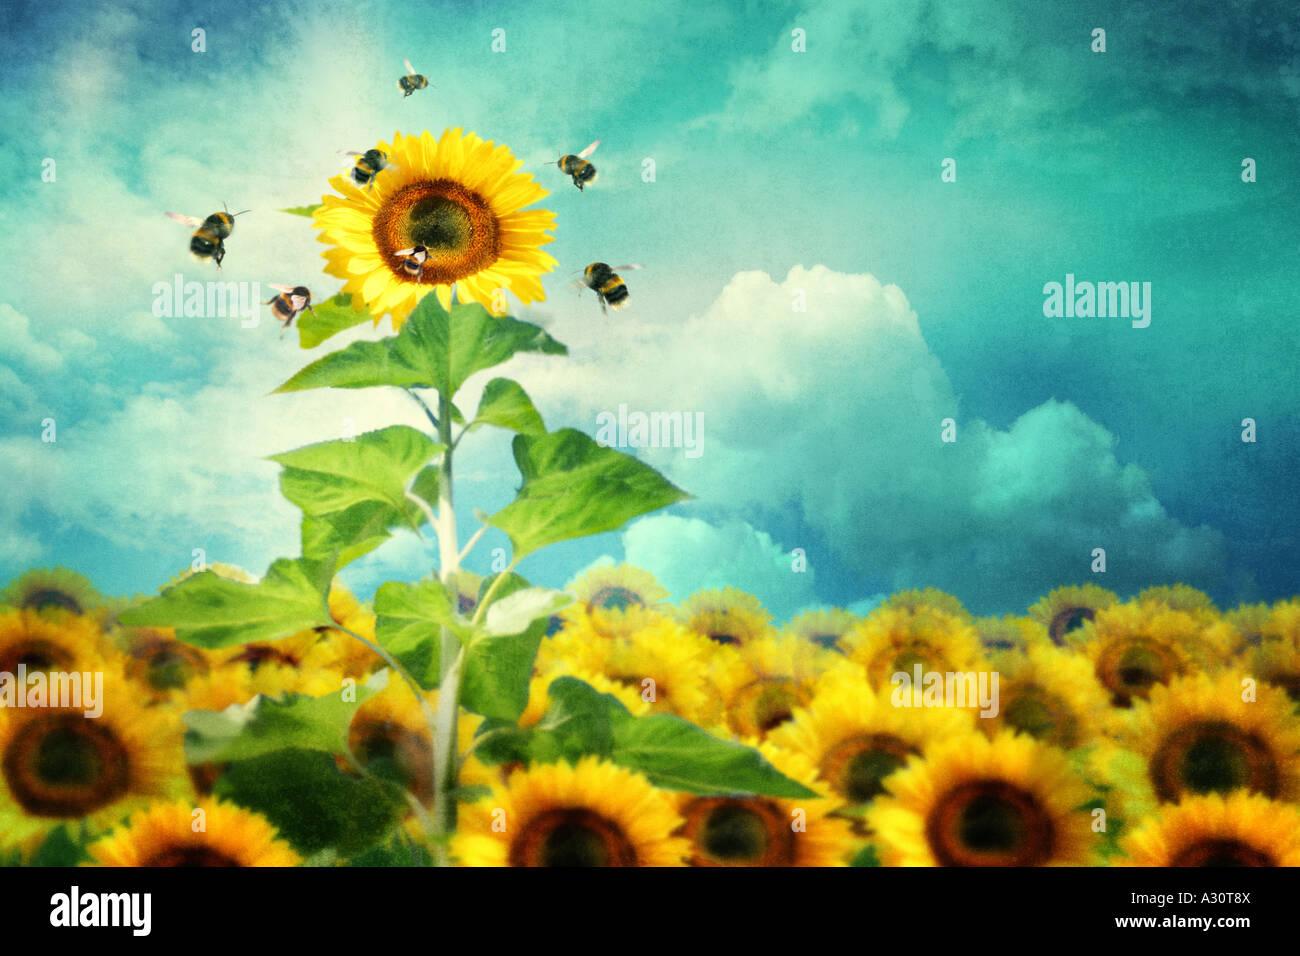 Imagem de um conceito de altura e permanente de girassol atrair mais abelhas Imagens de Stock